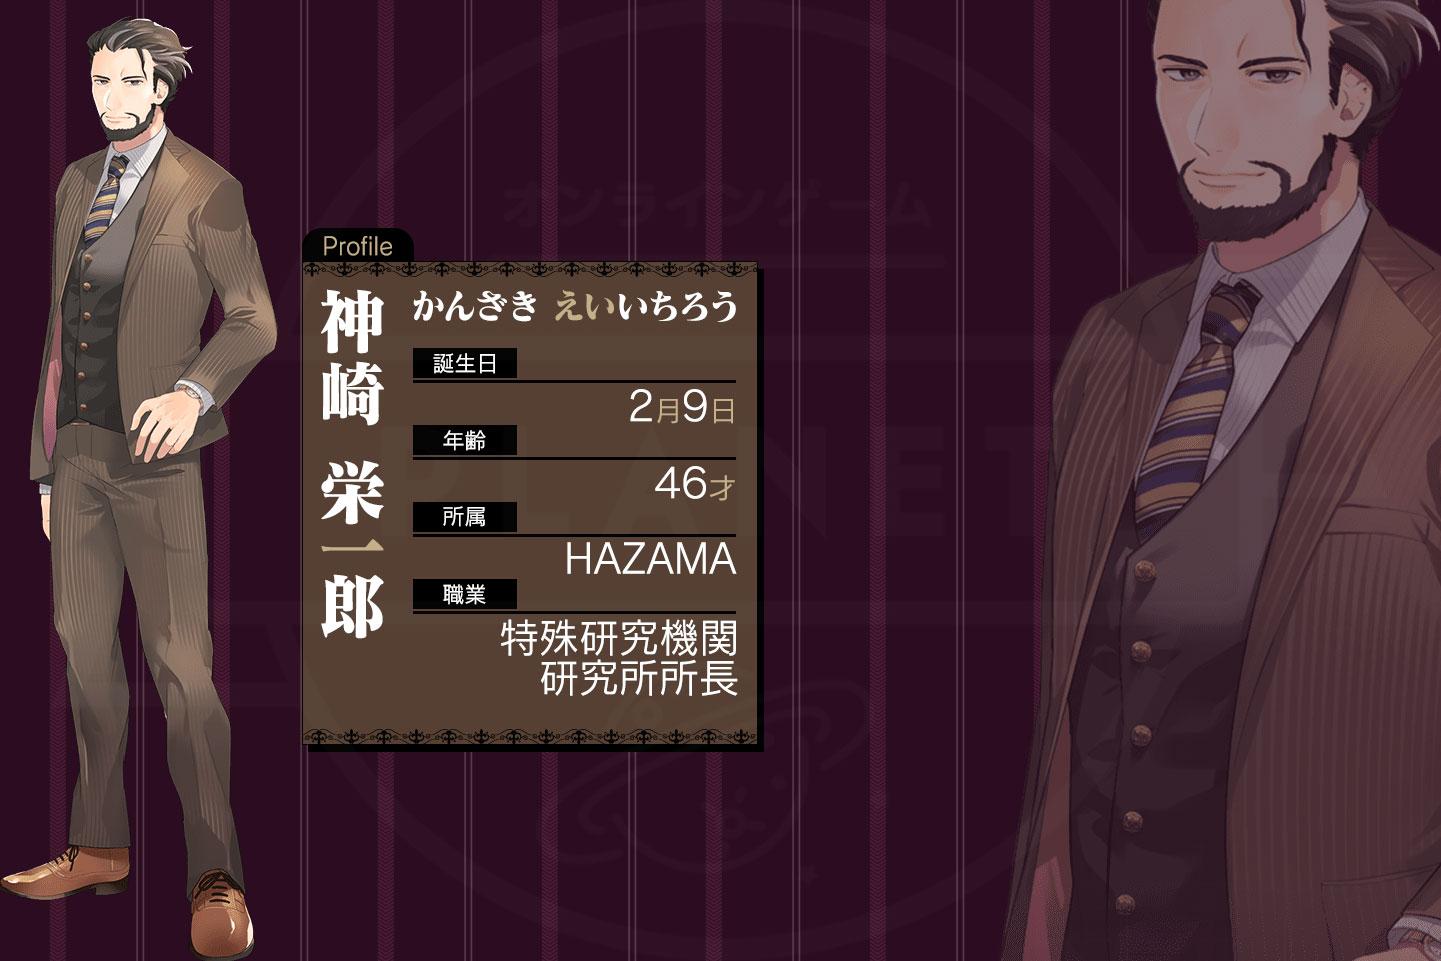 Circle 環り逢う世界 PC エージェントキャラクター『神埼 栄一郎 (かんざき えいいちろう)』紹介イメージ